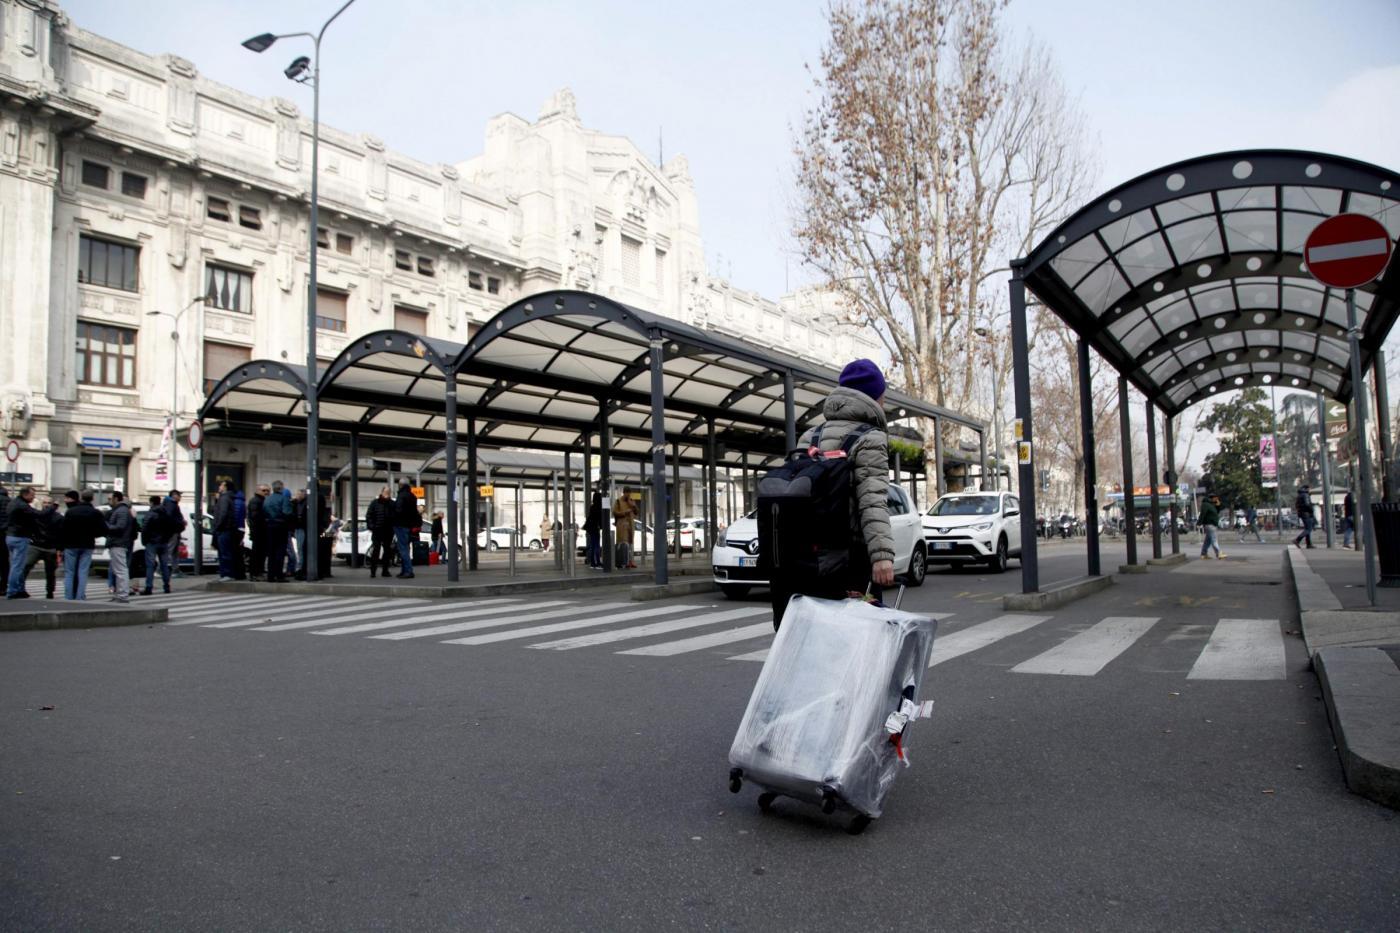 Milano sciopero generale trasporti mezzi pubblici